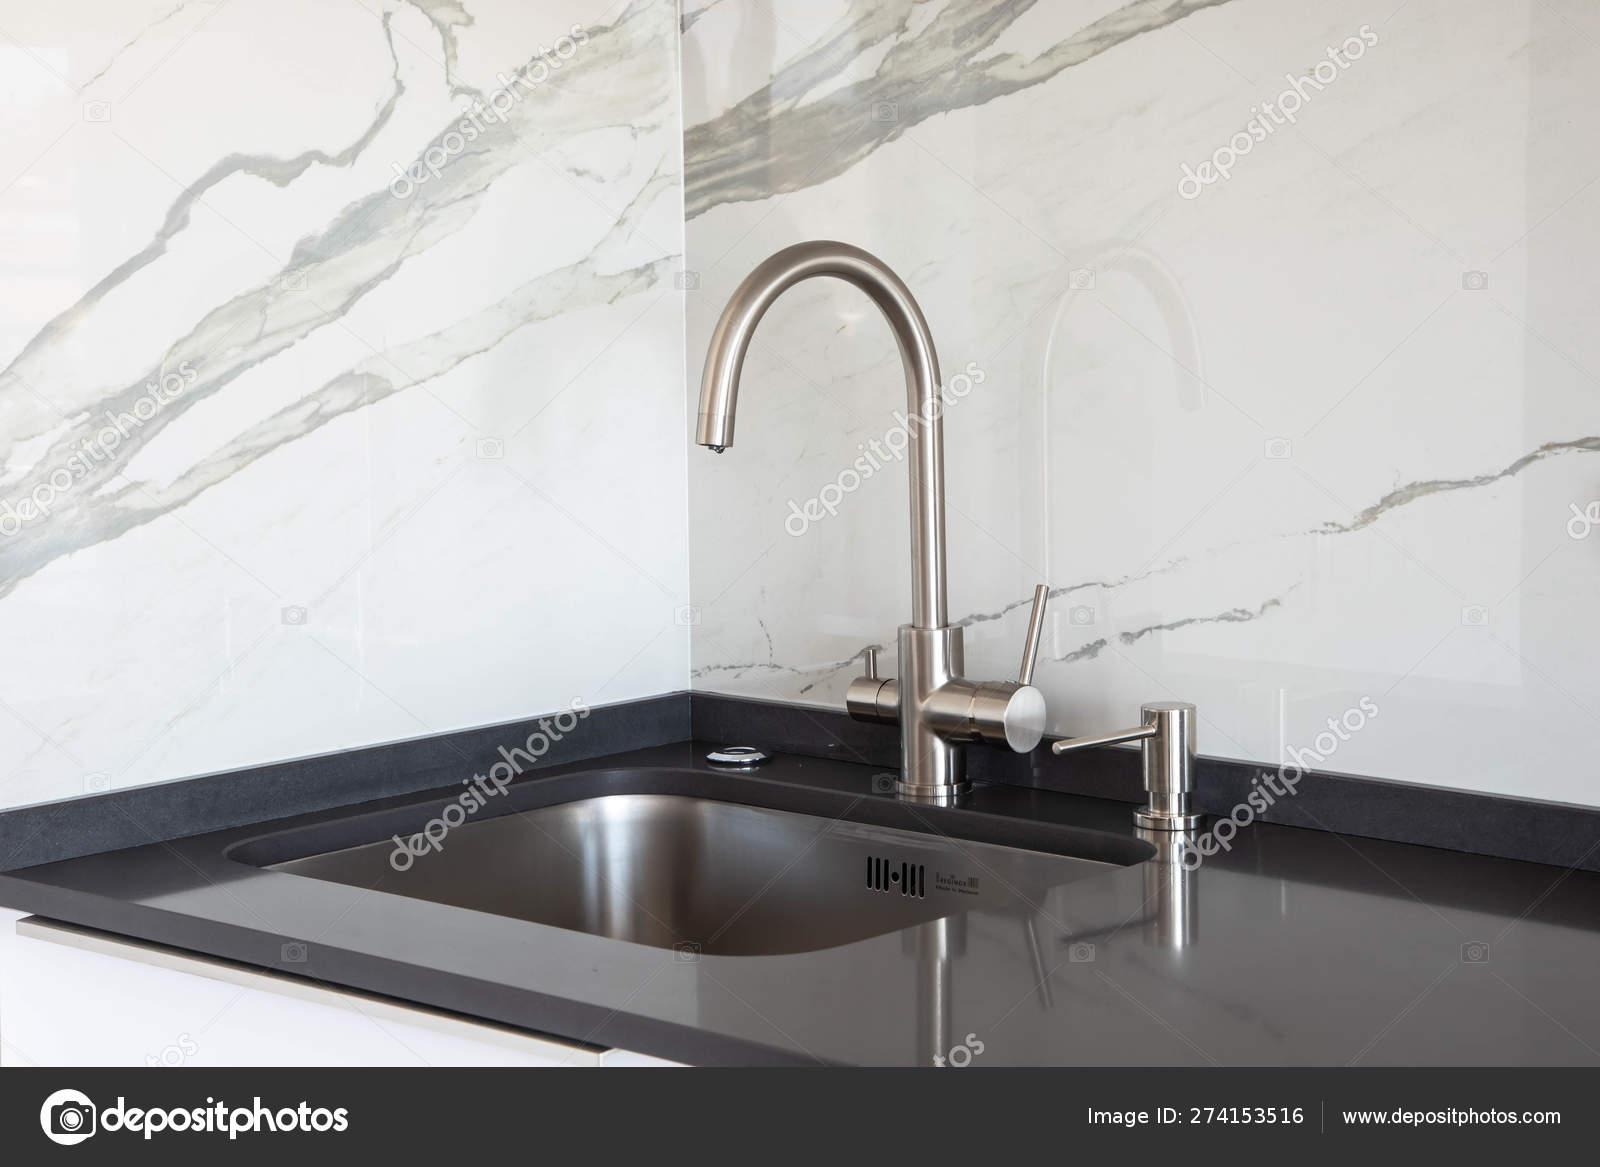 Close Undermounted Sink Mixer White Black Kitchen Design Marble Tile Stock Photo C Rois010 274153516